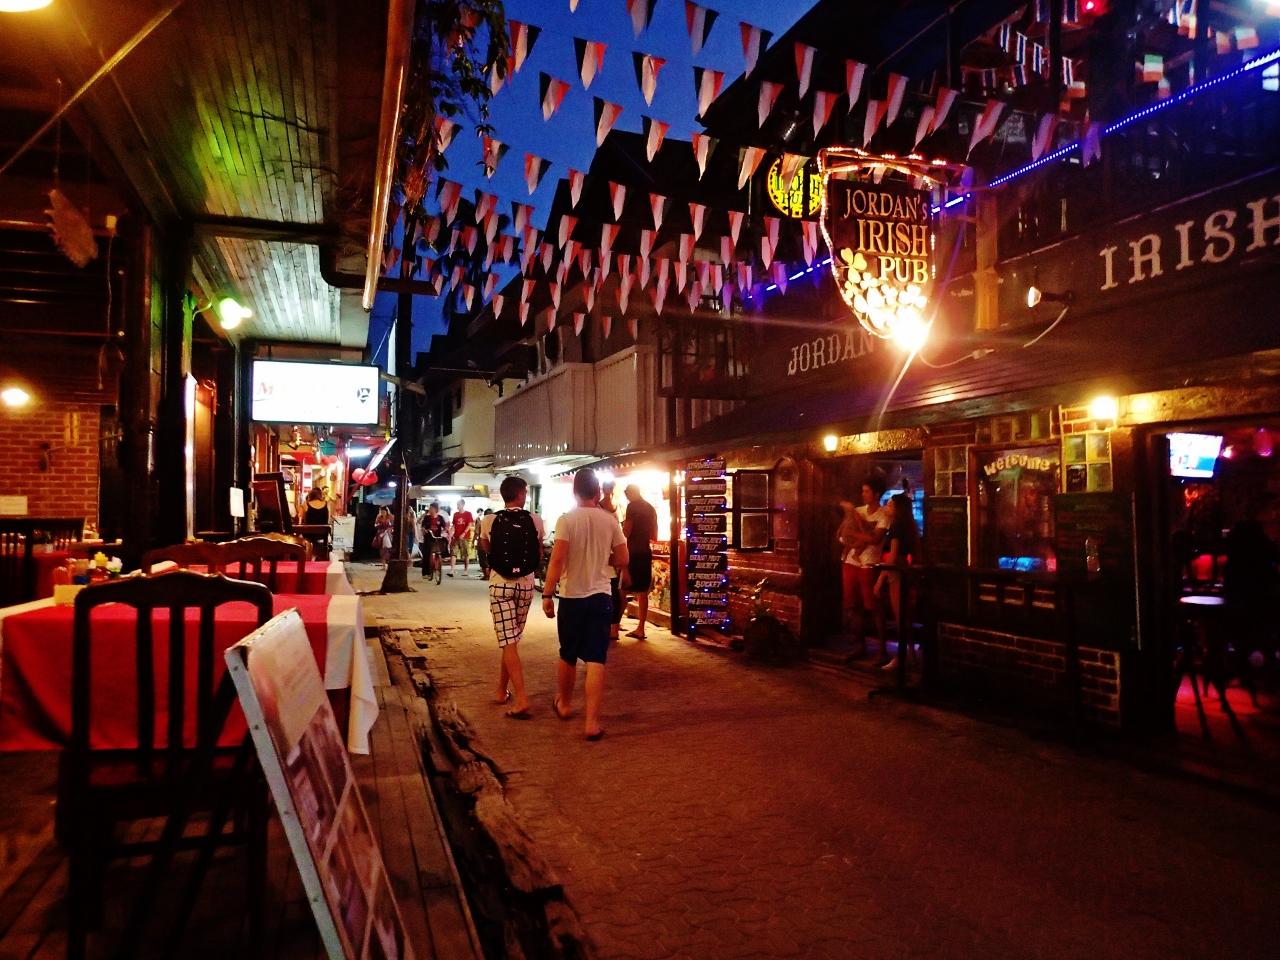 タイ ピピ・ドン島 トンサイ村の夜の様子